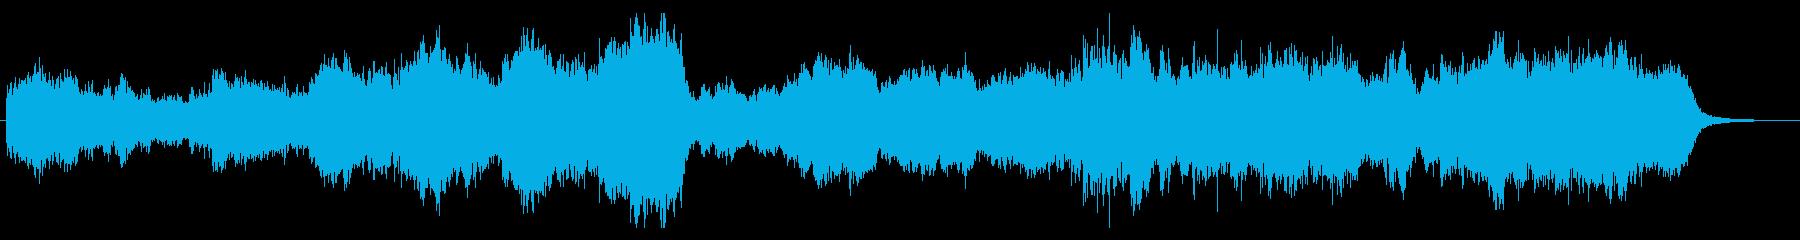 美しいゆったりとしたオーケストラの再生済みの波形